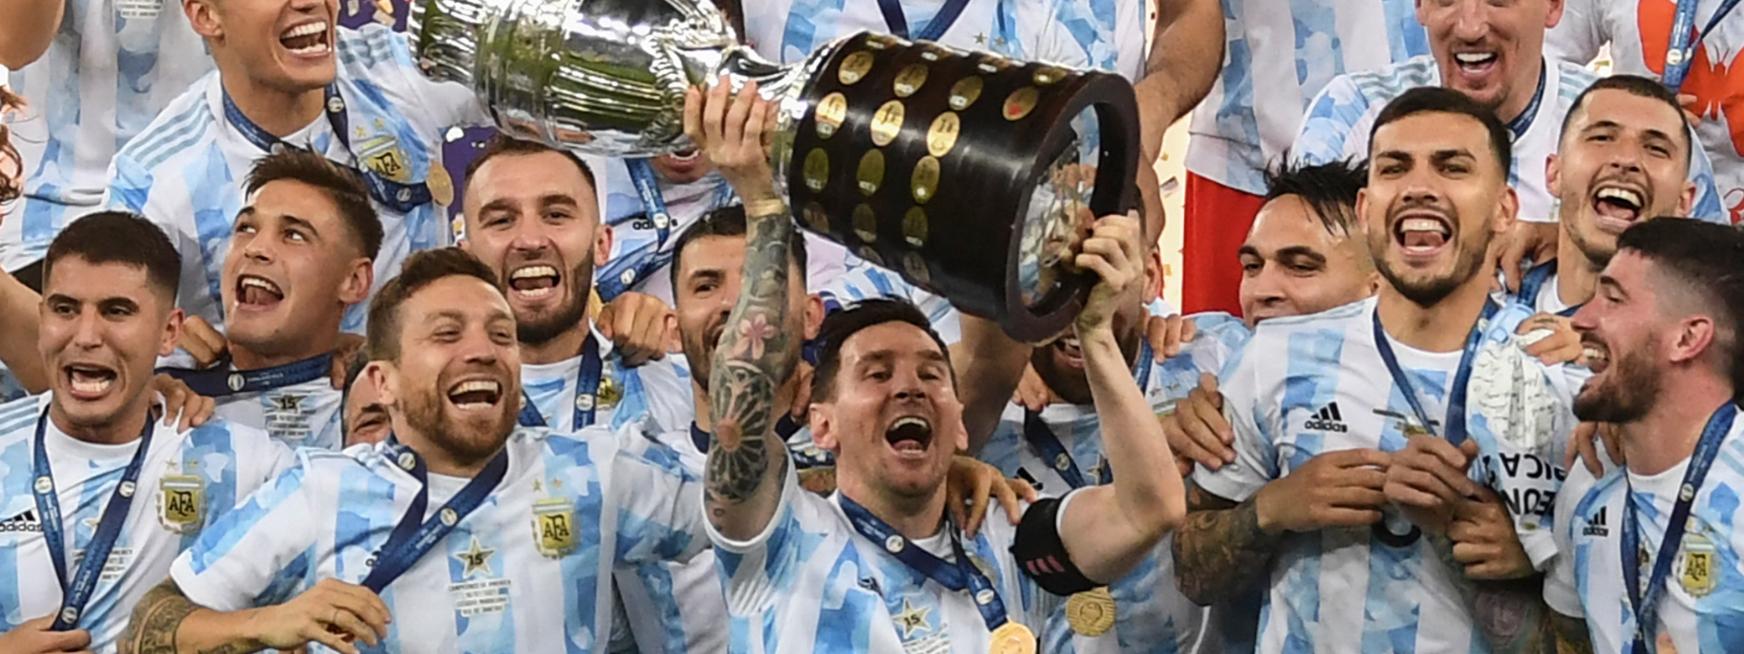 COPA AMÉRICA 2021: Porque la victoria de Argentina se ganó un lugar en la historia del fútbol